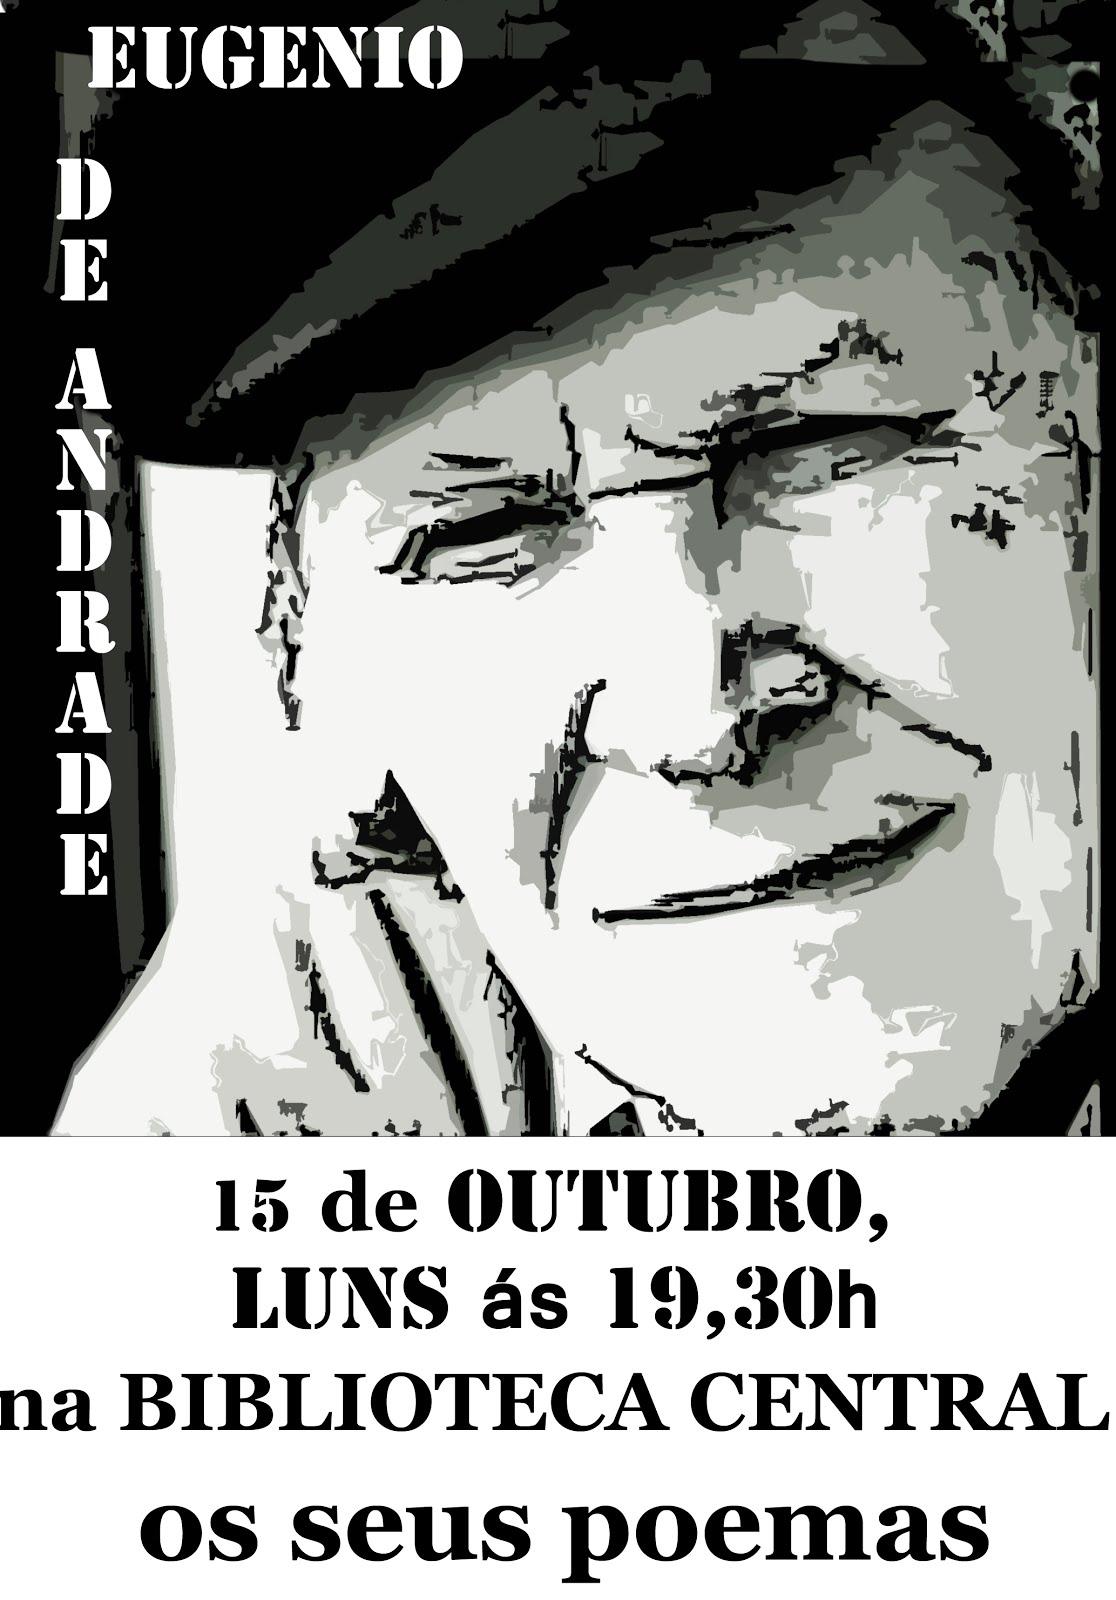 Eugenio de Andrade con nos